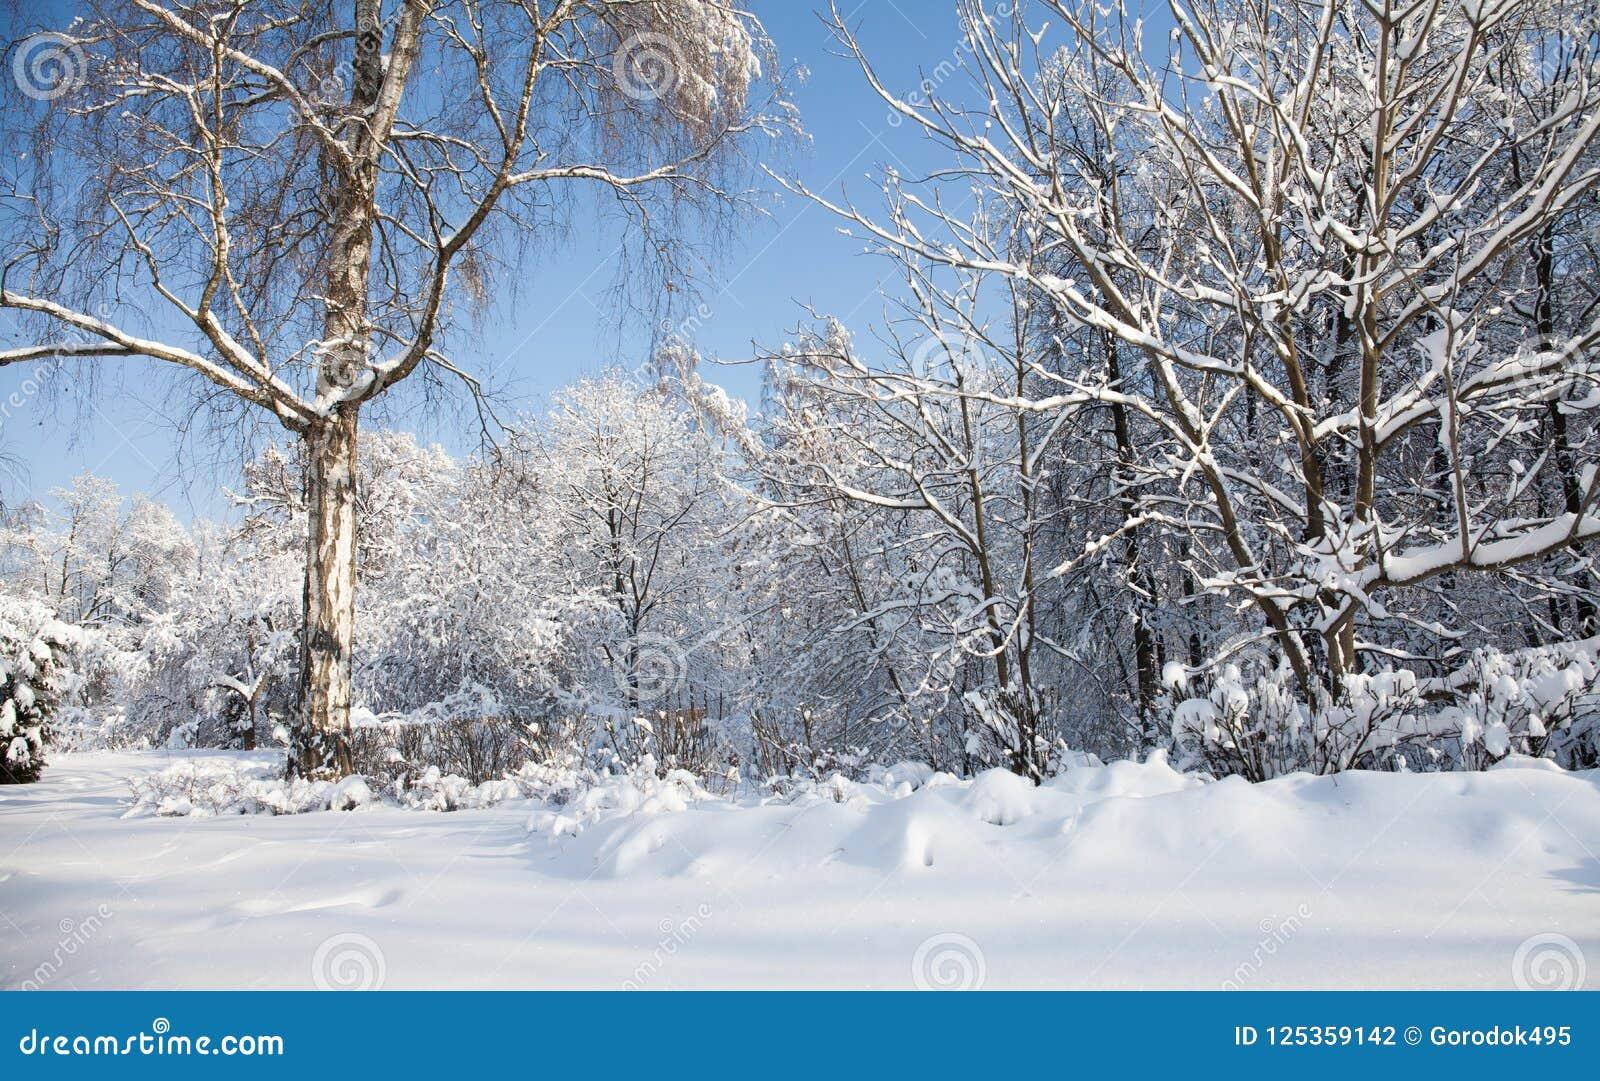 Duży brzozy drzewo z śniegiem zakrywającym rozgałęzia się, piękny zima lasu krajobraz, zimny Stycznia słoneczny dzień błękitne ni